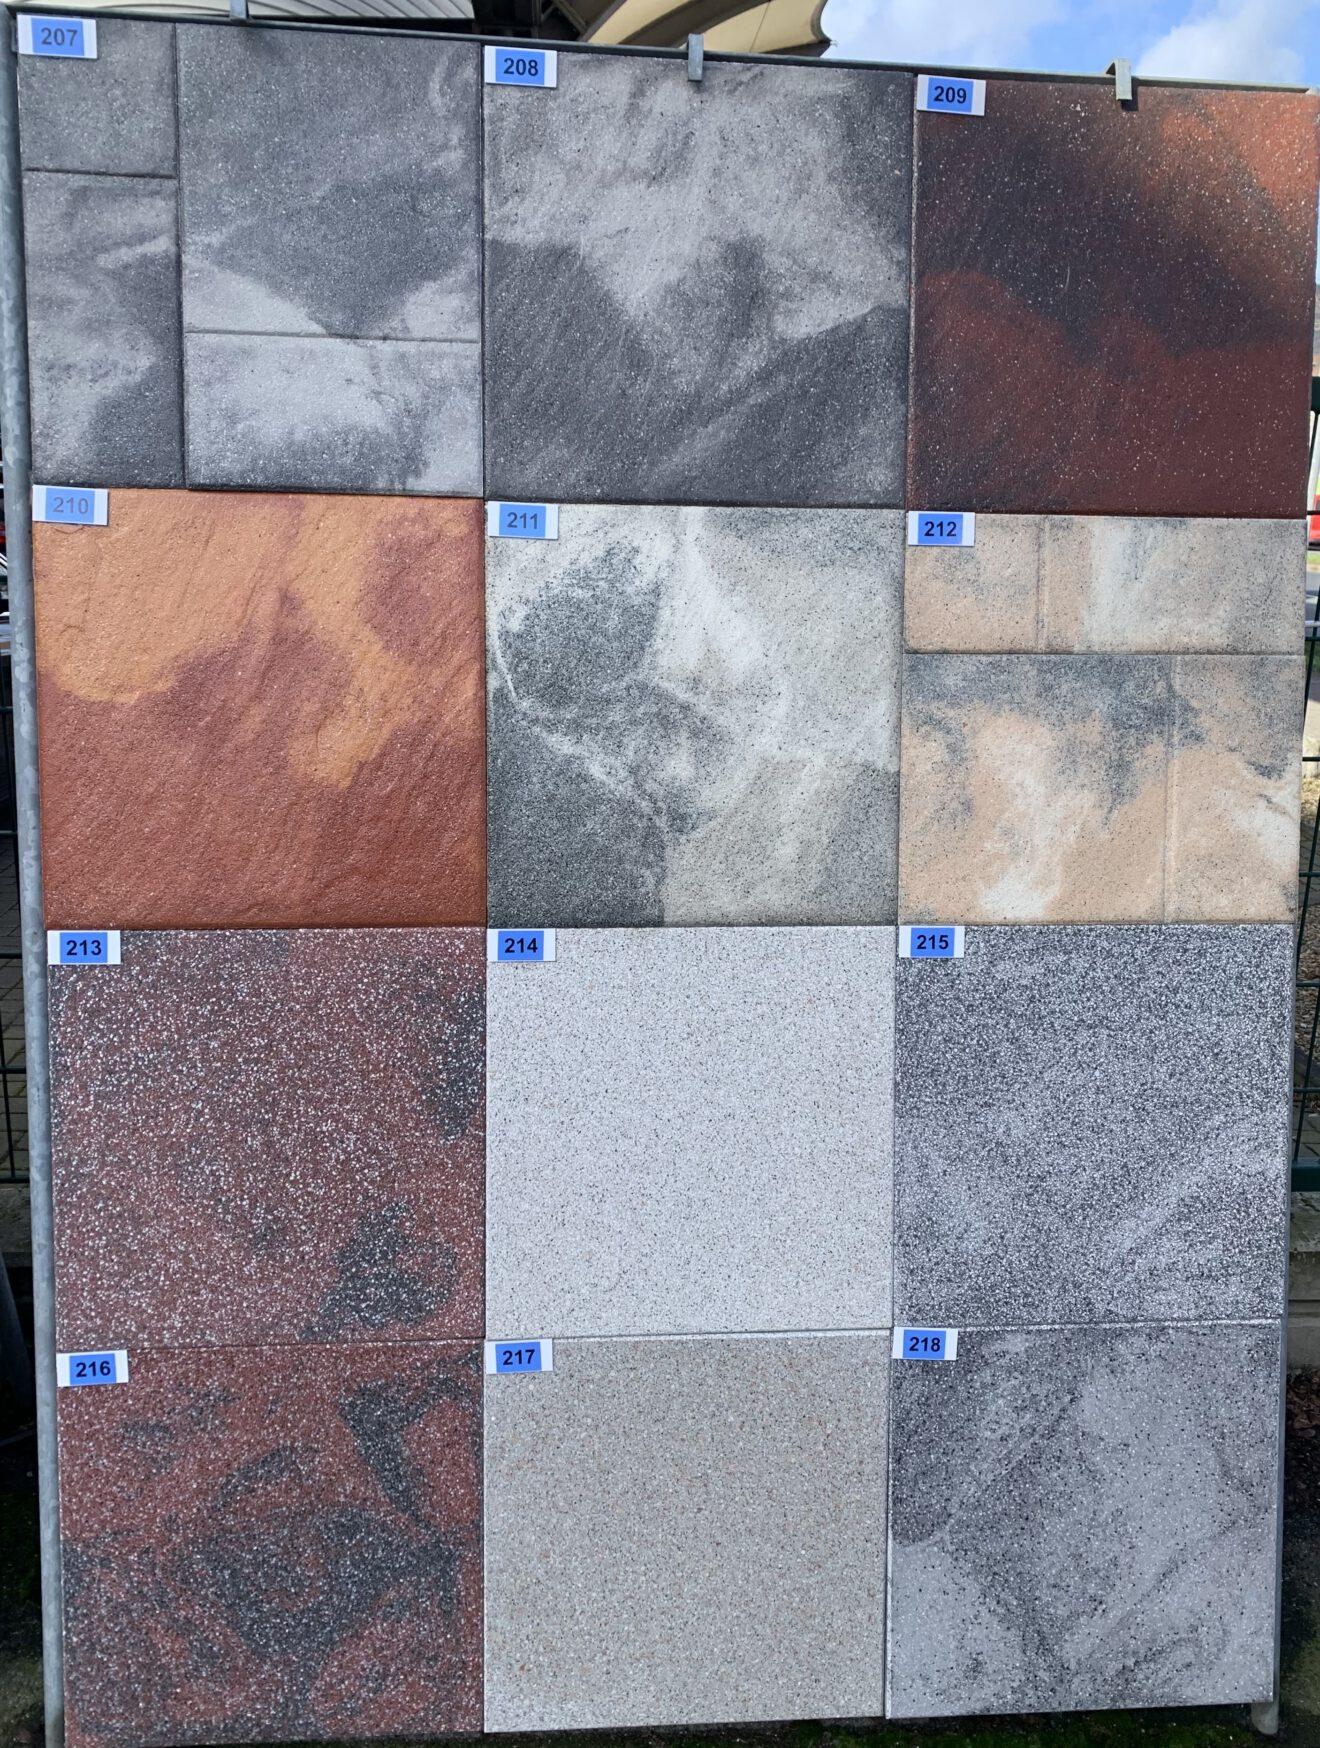 Terrassenplatte Novagranit Shipley bei Stolzenbach Baustoffe in Bremen kaufen